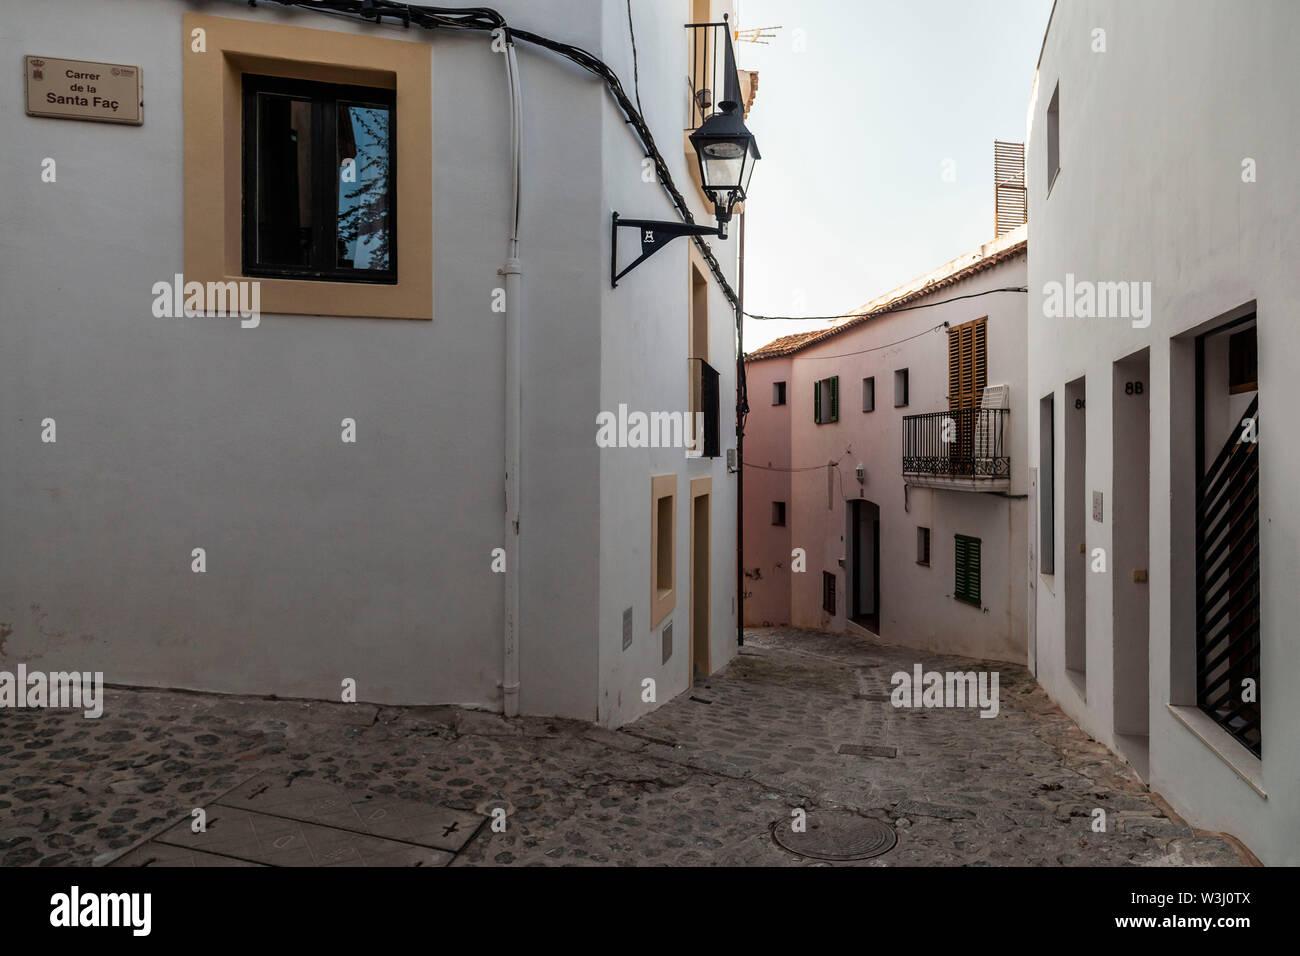 Tipica strada nel centro storico, Dalt Vila di Ibiza, Ibiza, Isole Baleari. Spagna. Foto Stock